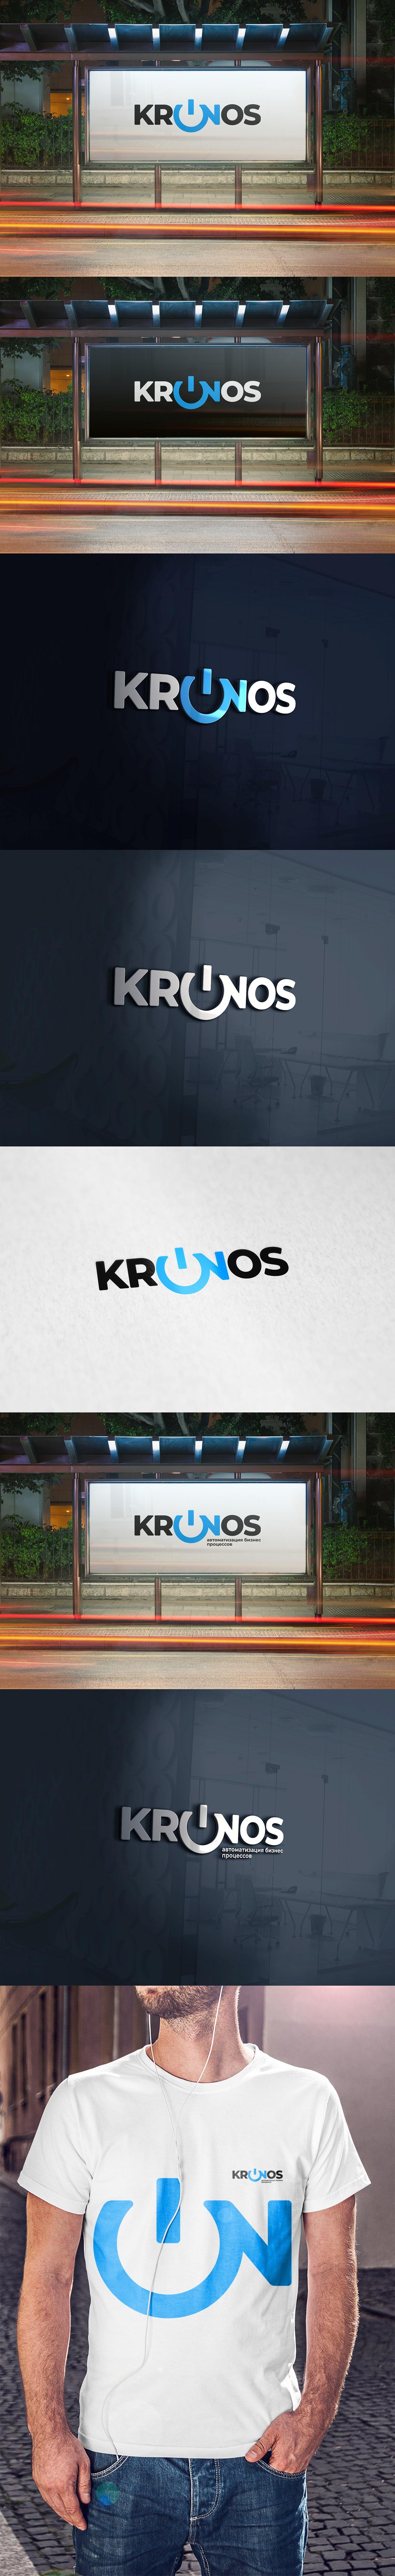 Разработать логотип KRONOS фото f_7685fb57668502cc.jpg